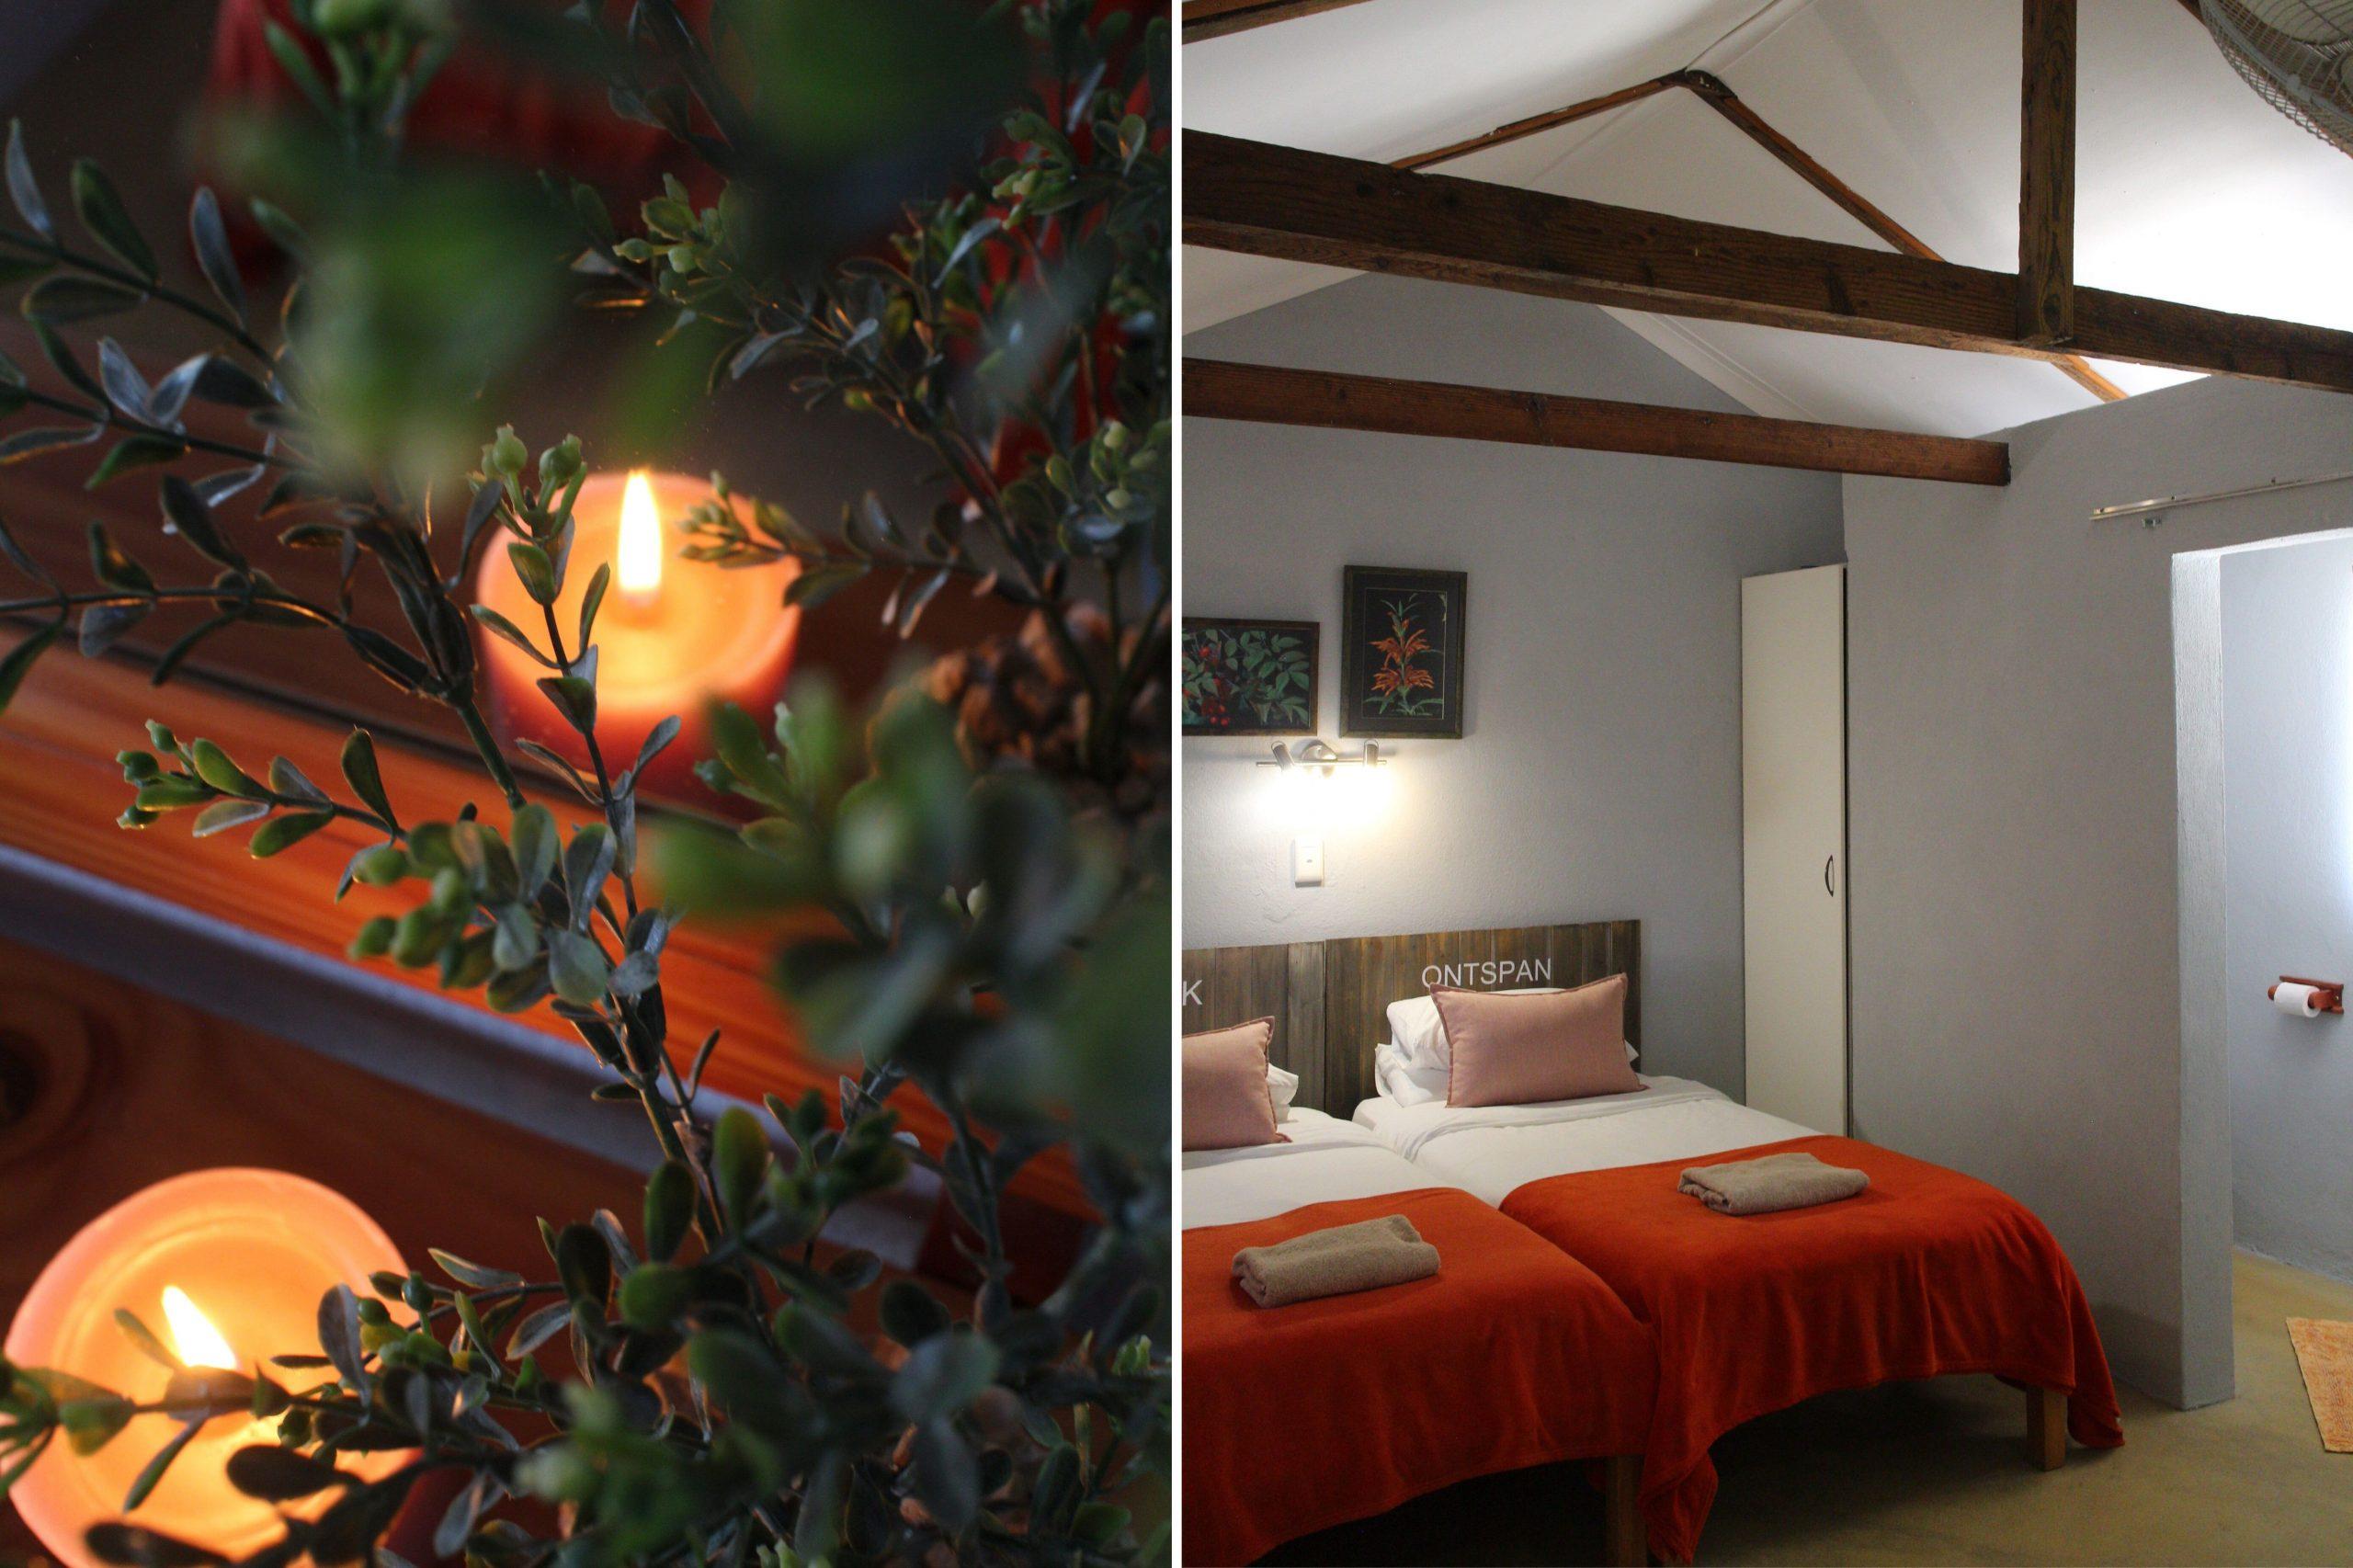 Kuifkopvisvanger - Rooireier, self catering accommodation in Velddrif, Berg River 5